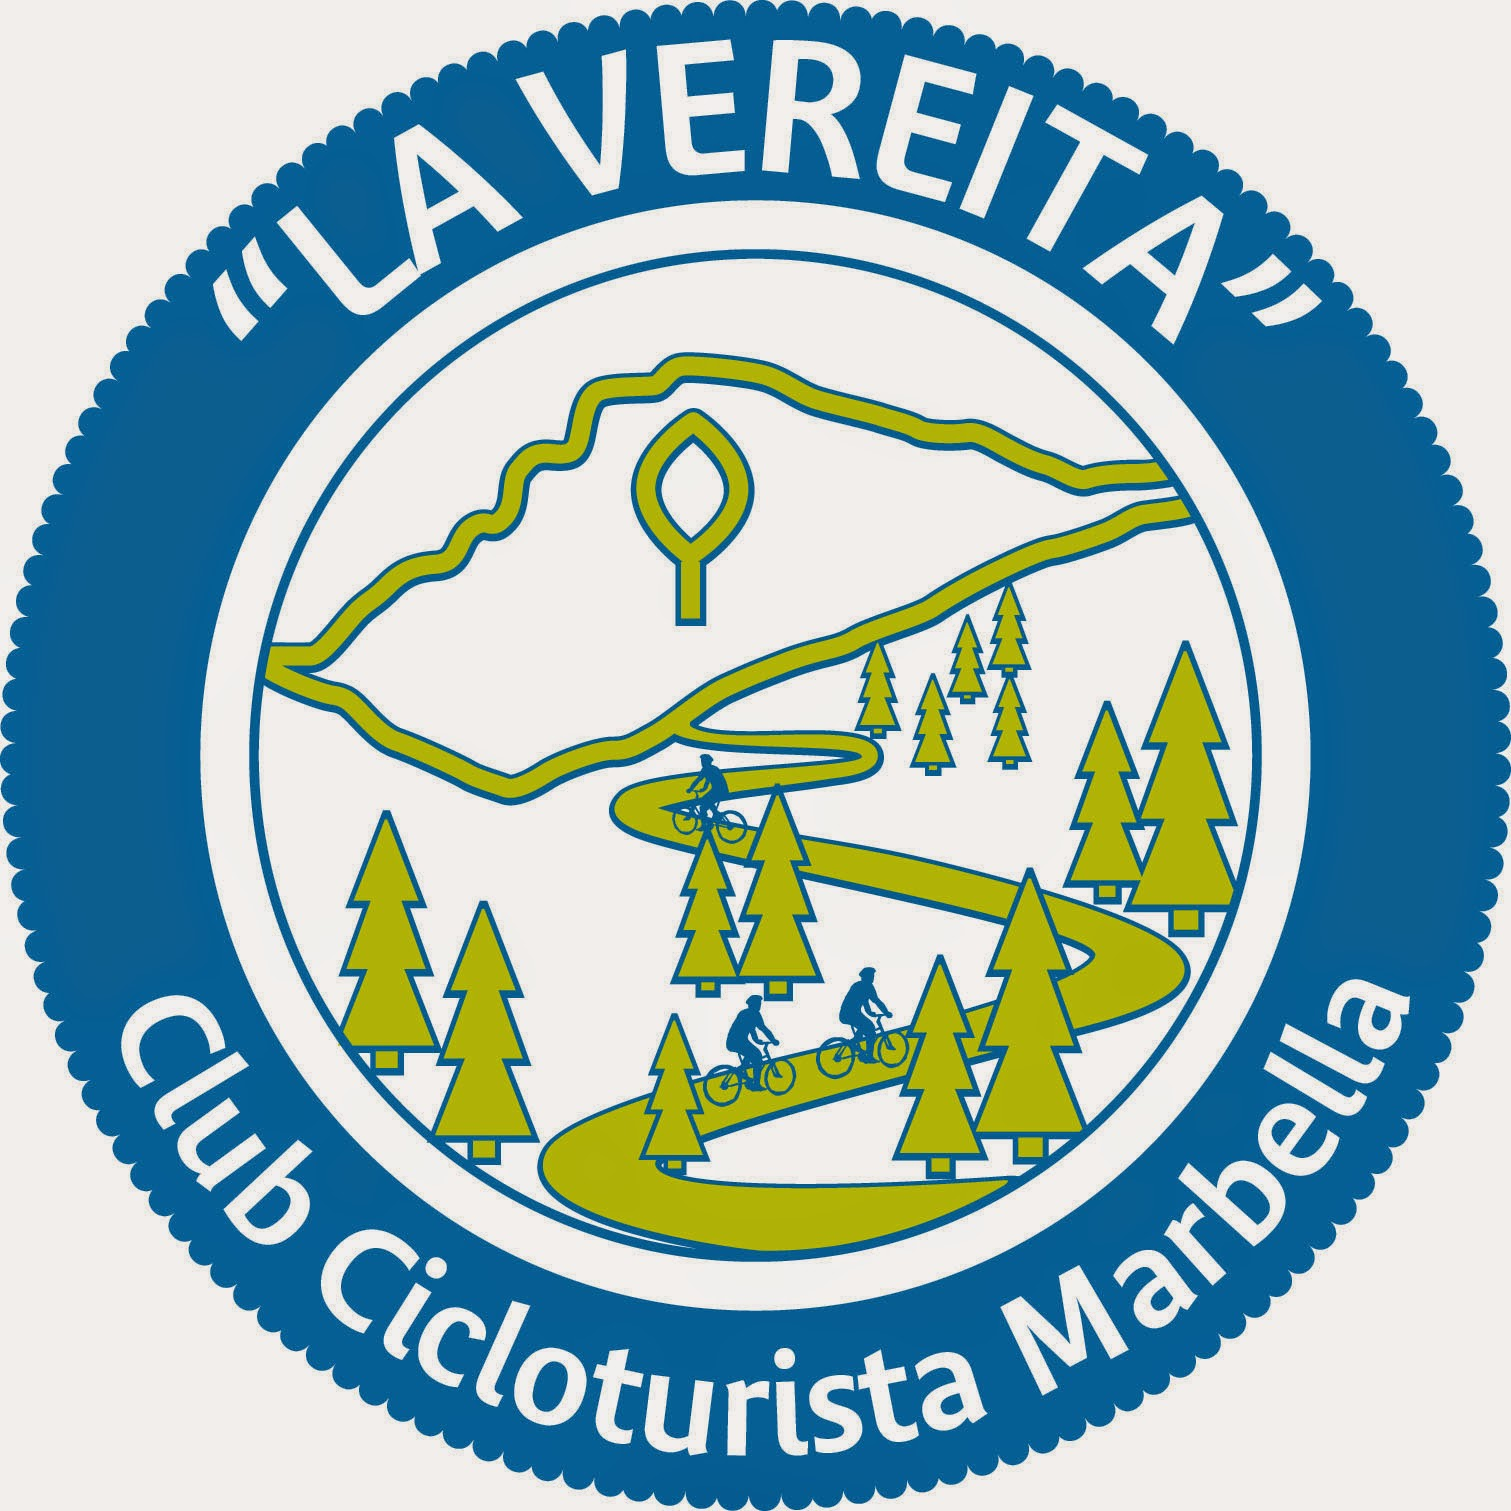 La Vereita Club Cicloturista Marbella